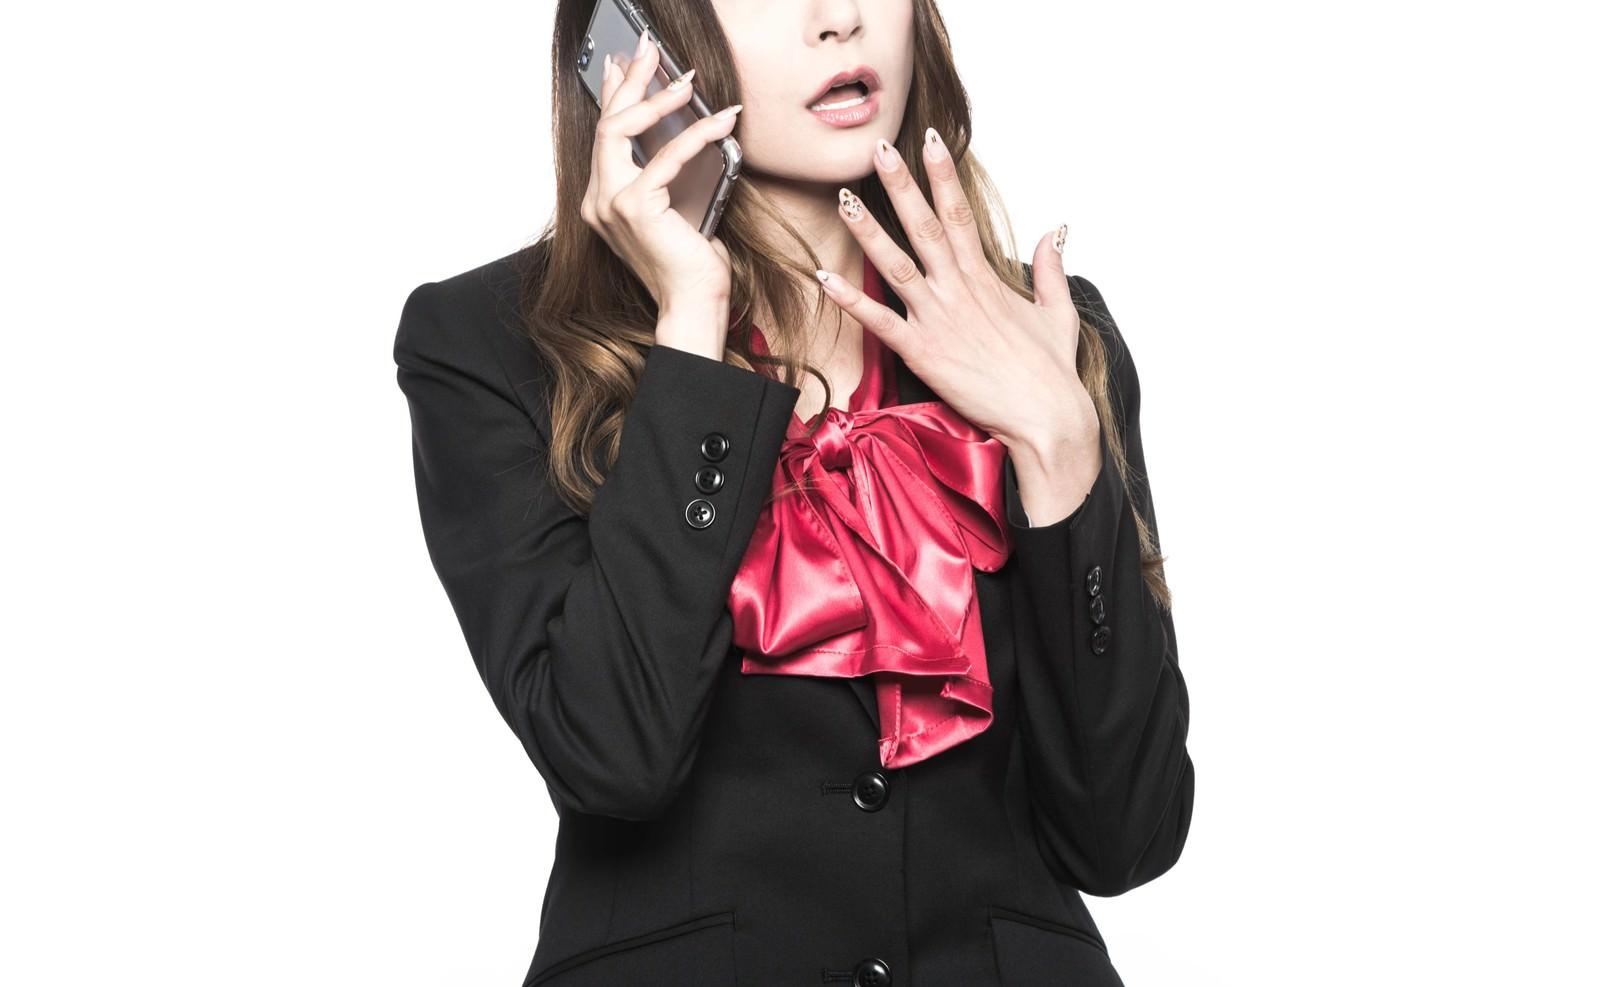 「驚きを隠せない秘書」の写真